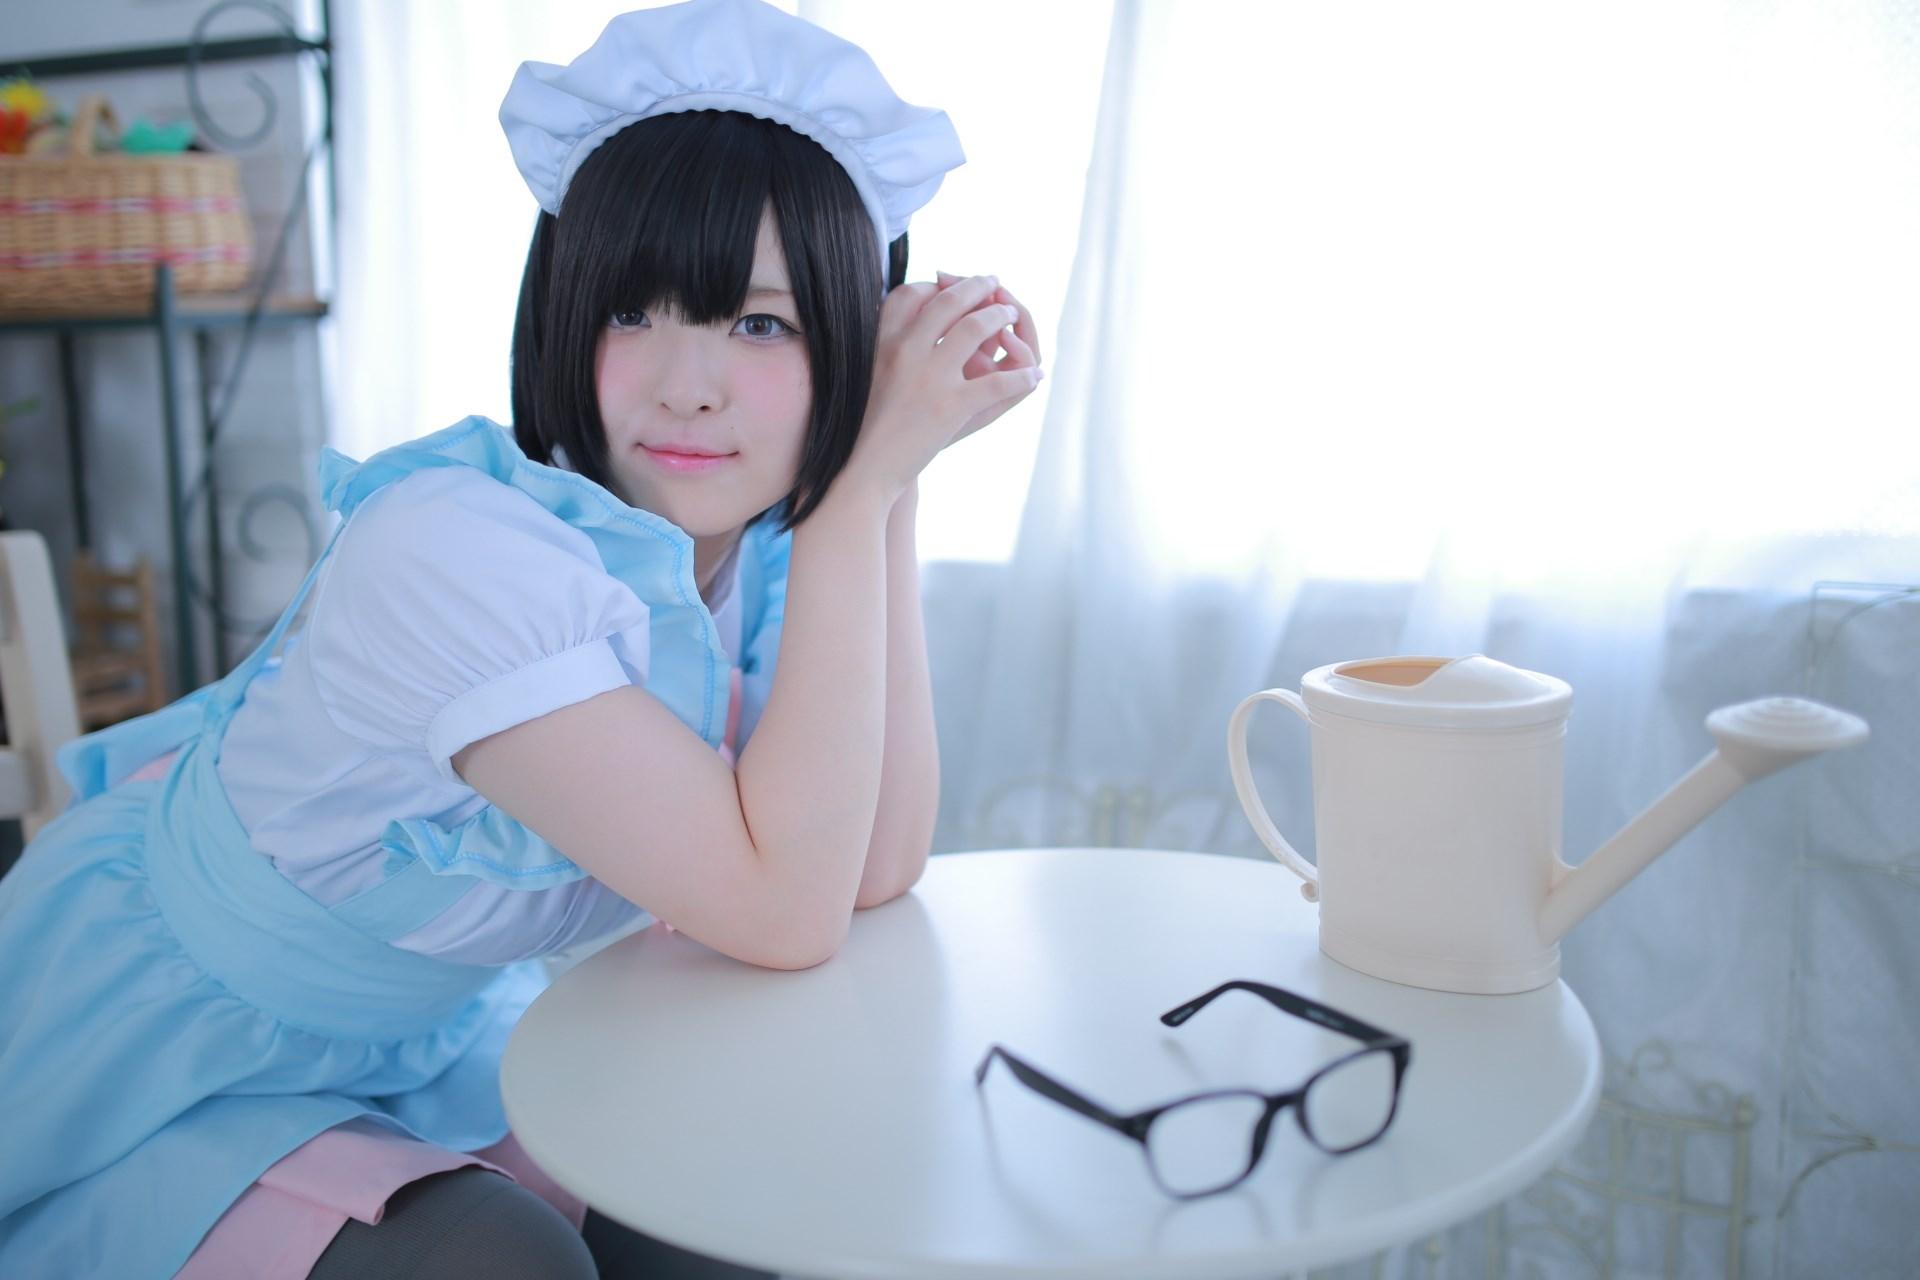 【兔玩映画】眼镜女仆 兔玩映画 第42张